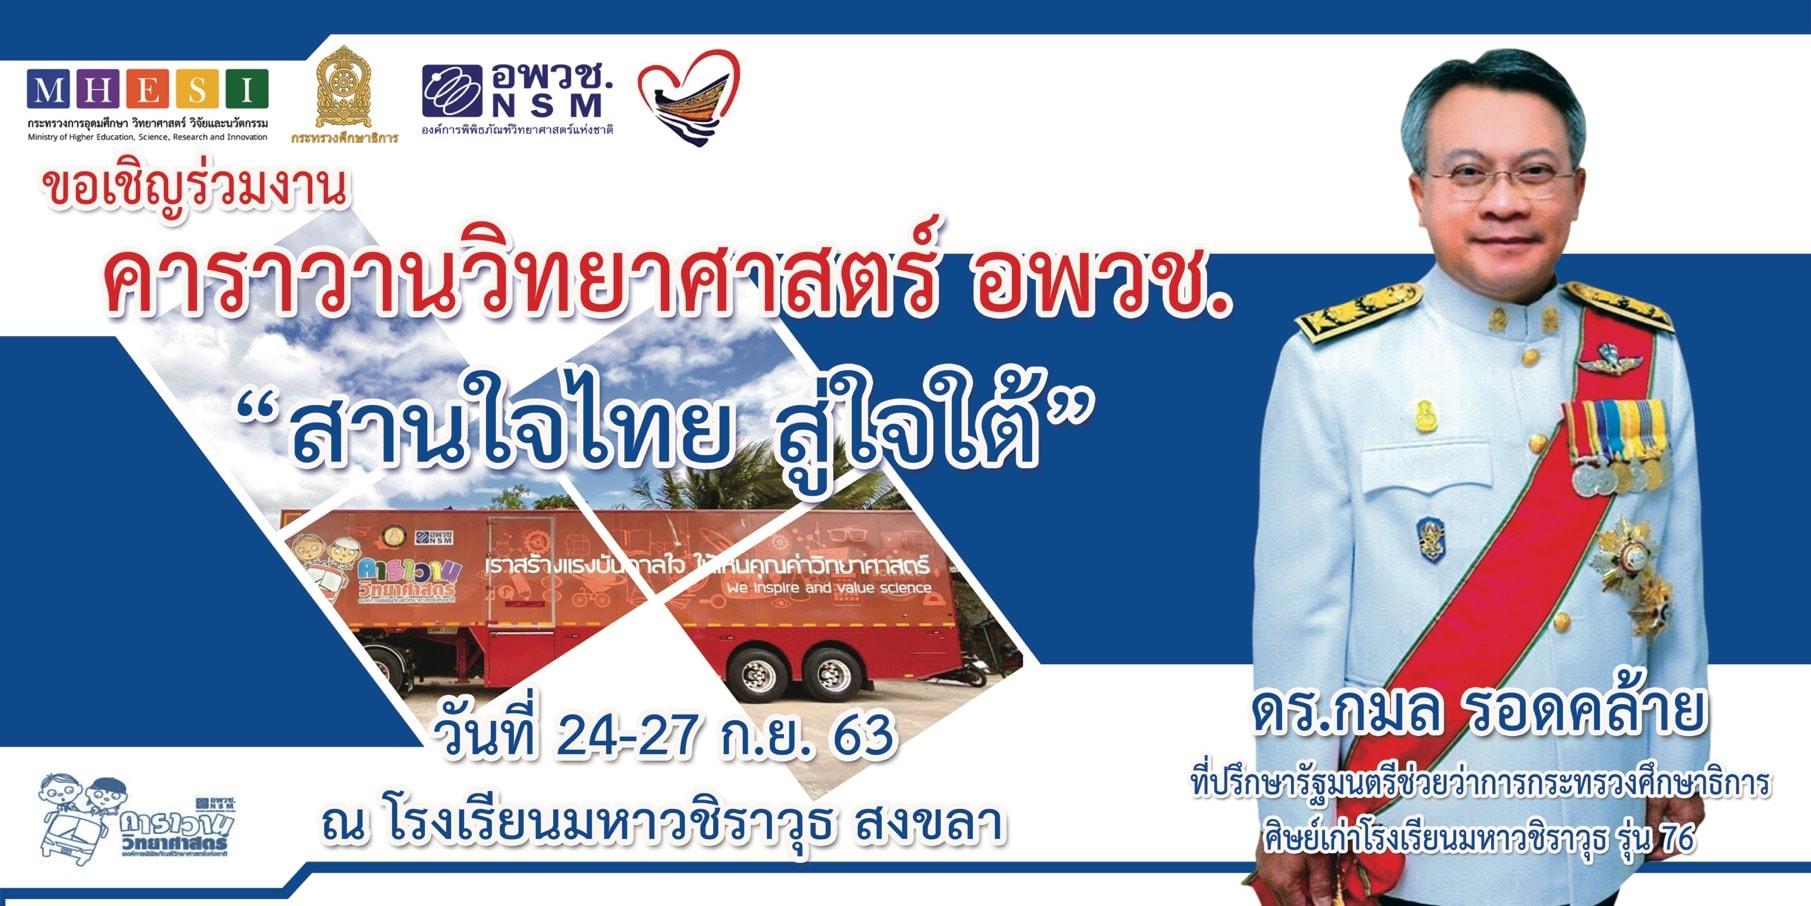 """ขอเชิญร่วมงาน คาราวานวิทยาศาสตร์ อพวช. """"สานใจไทย สู่ใจใต้"""" ในพื้นที่ภาคใต้"""